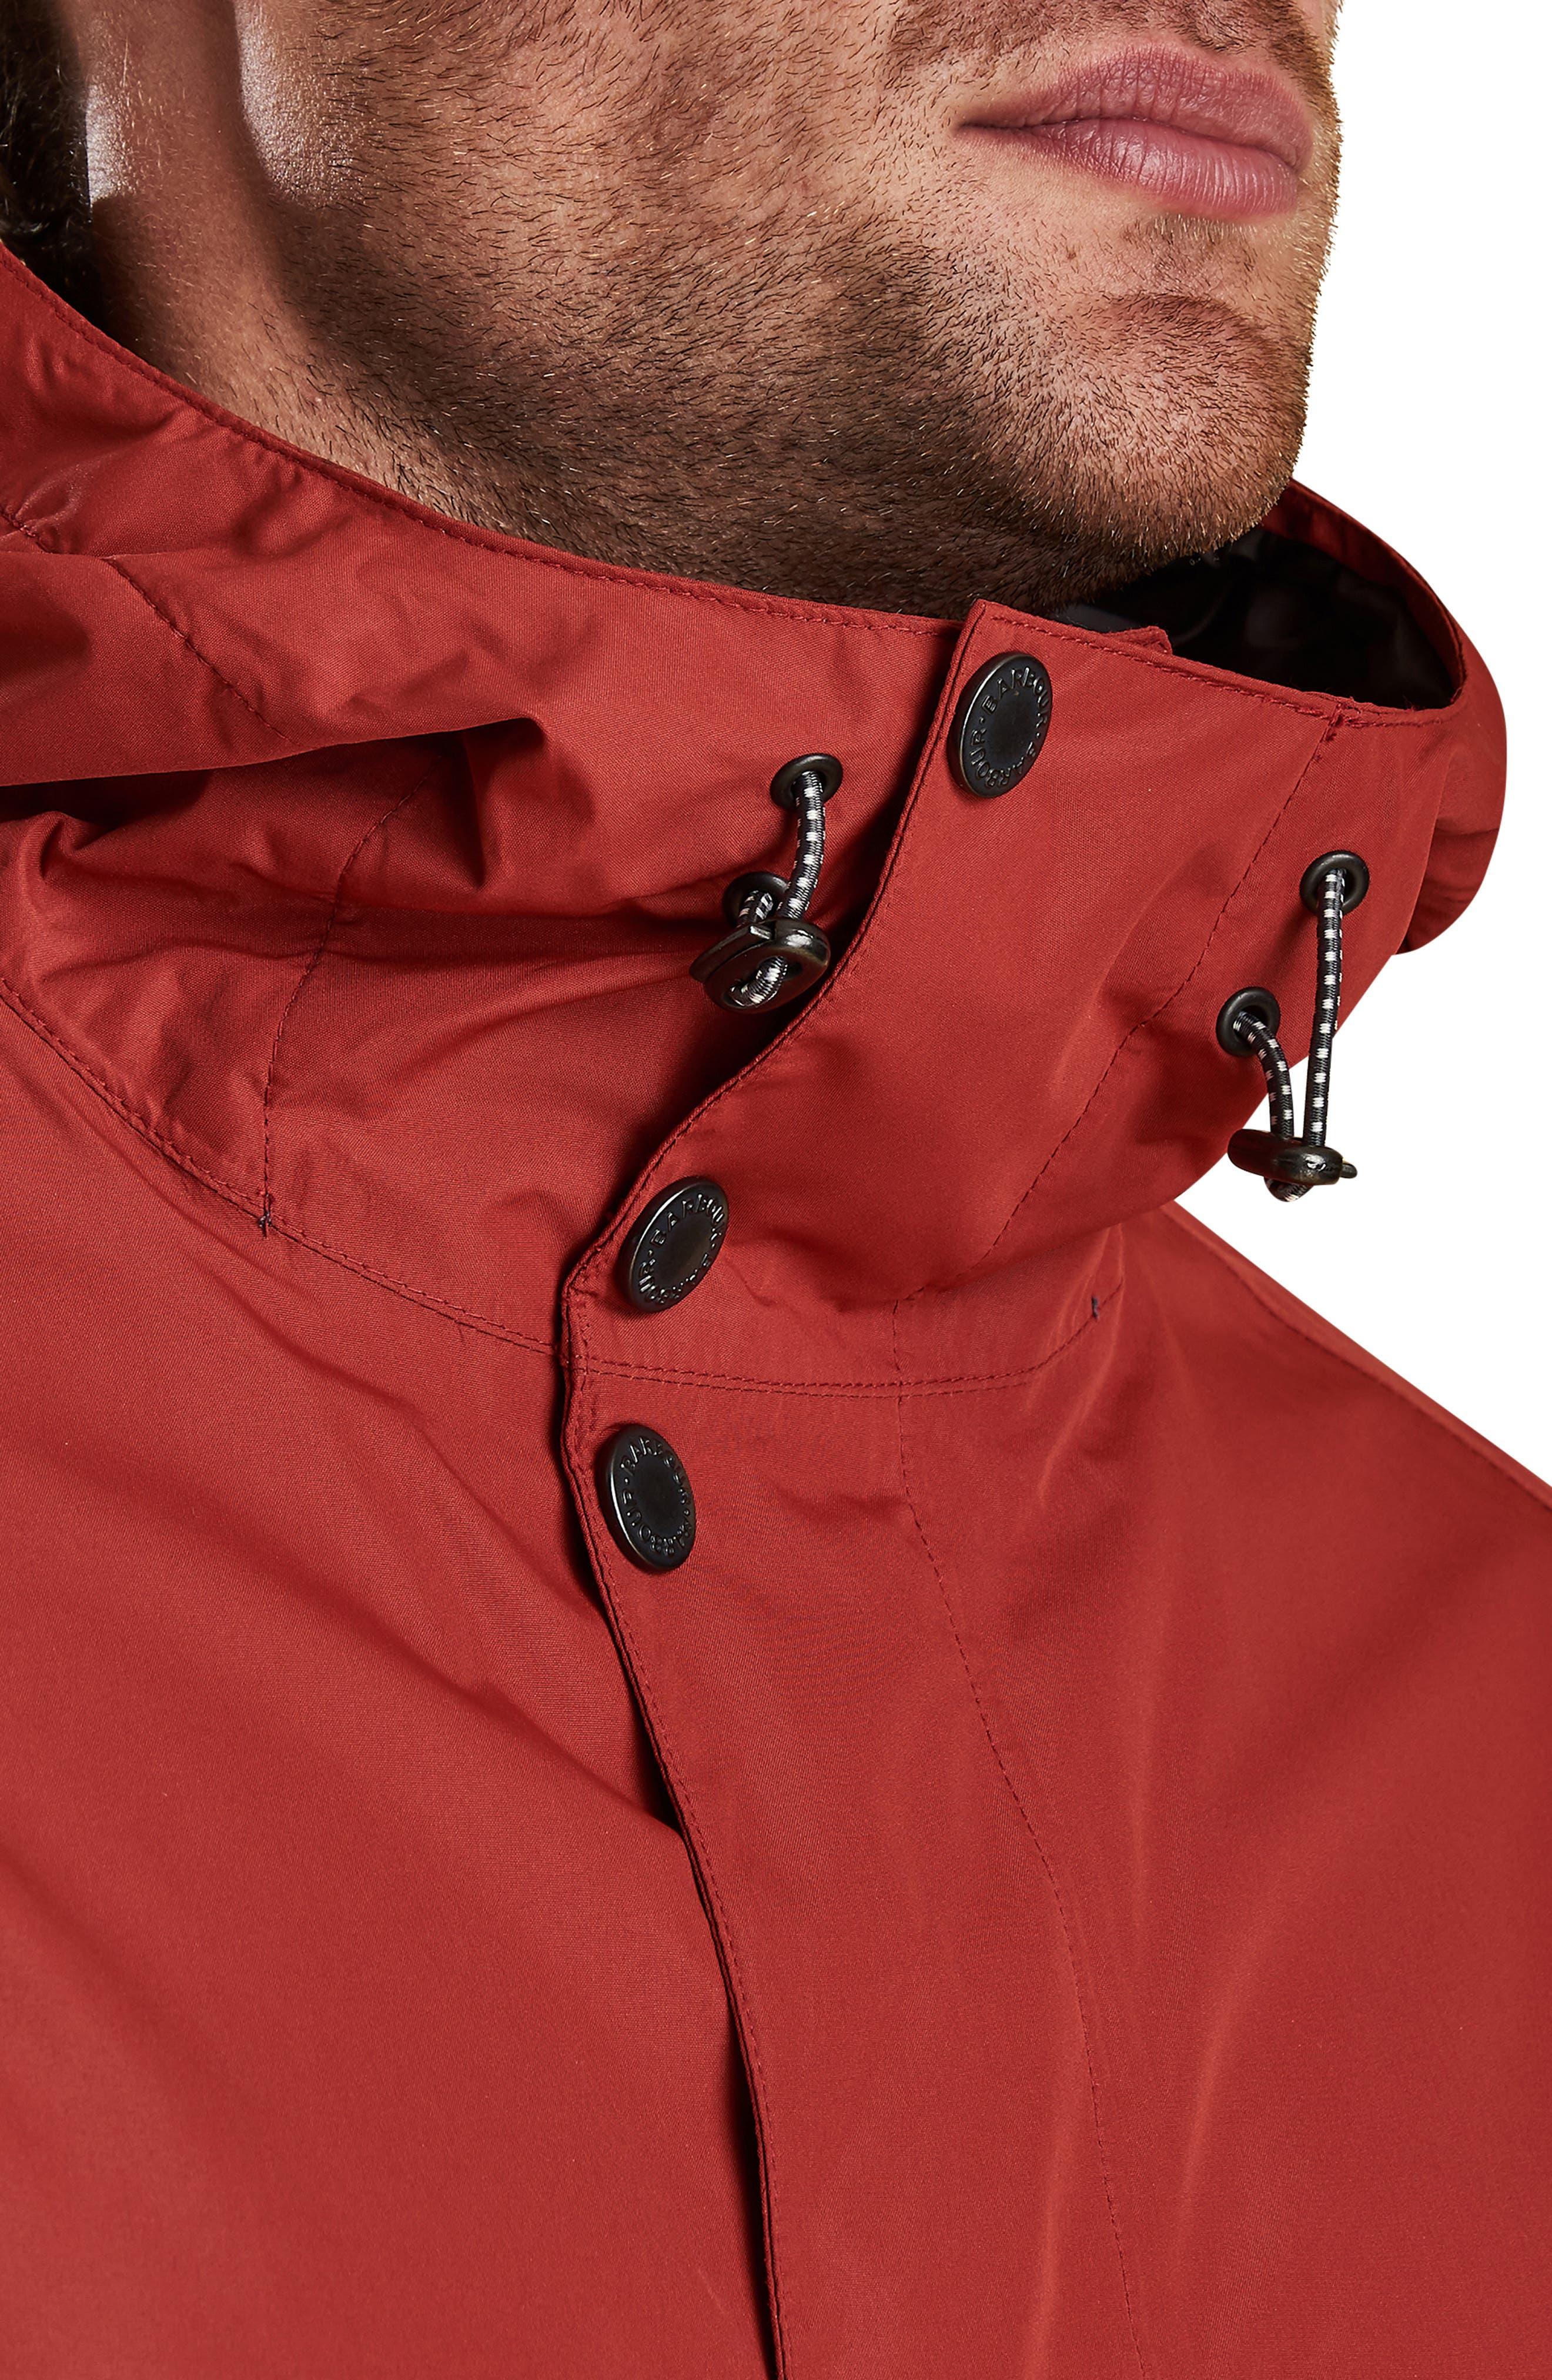 Barbour Gunwale Waterproof Jacket, Brown